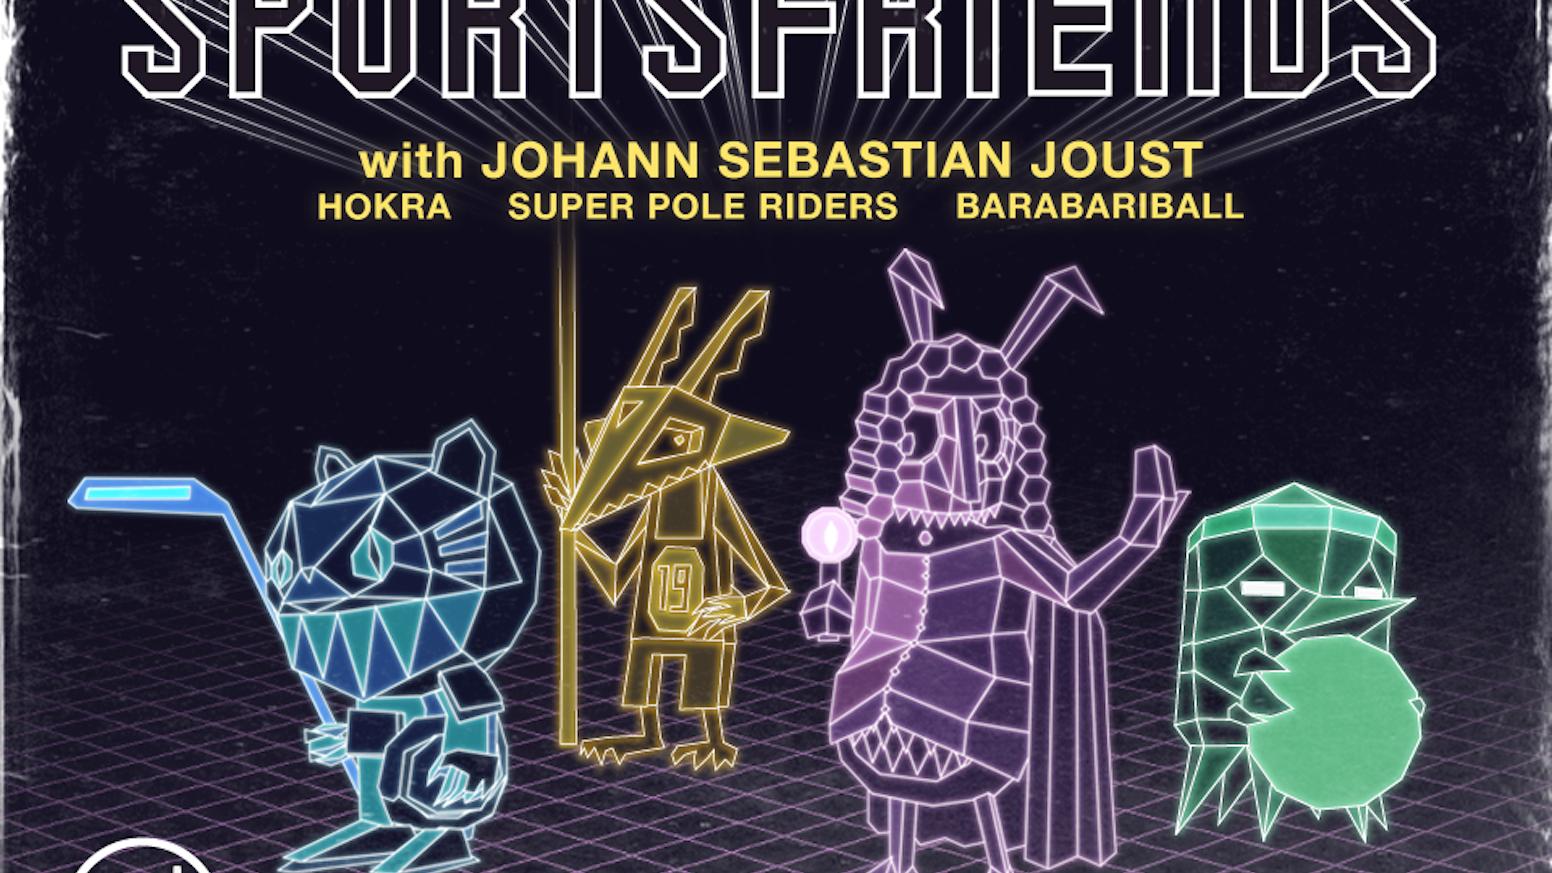 SPORTSFRIENDS featuring Johann Sebastian Joust by Die Gute Fabrik